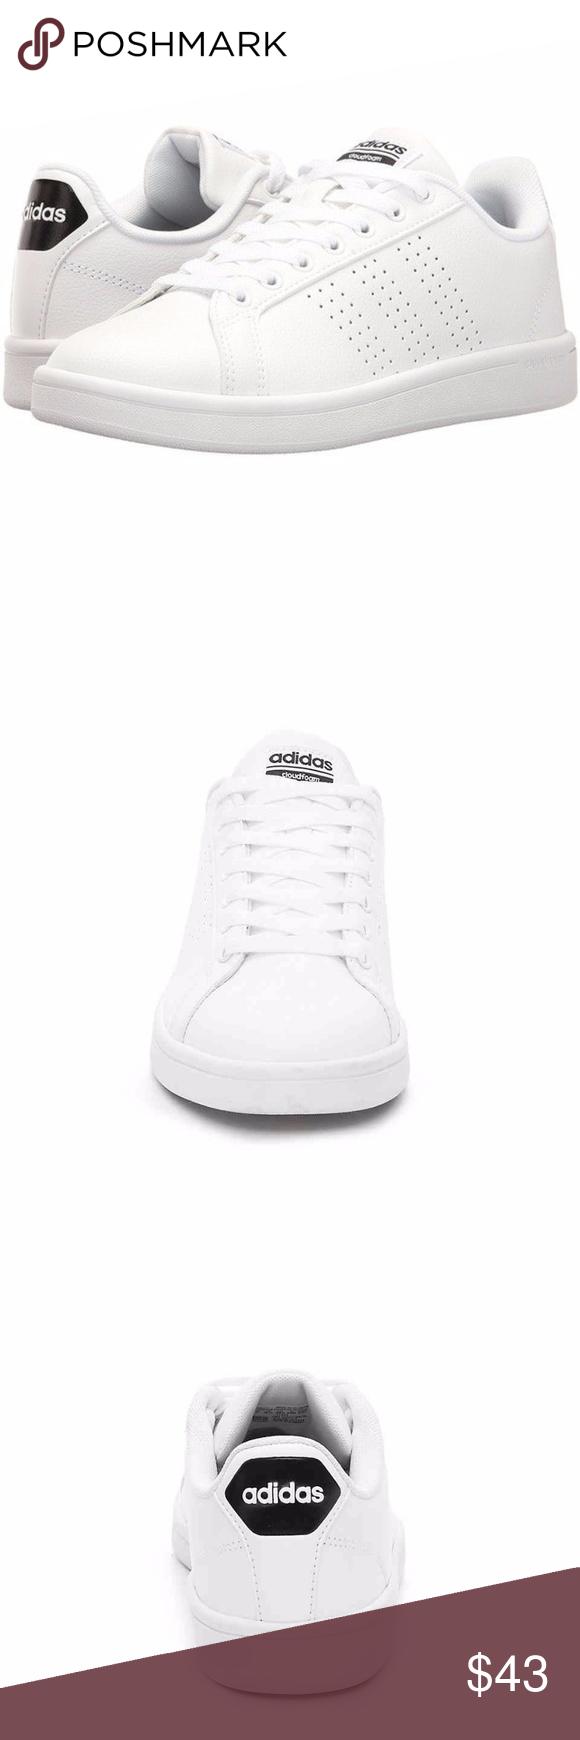 adidas neo cloudfoam vantaggio scarpe bianche nwt scarpe bianche